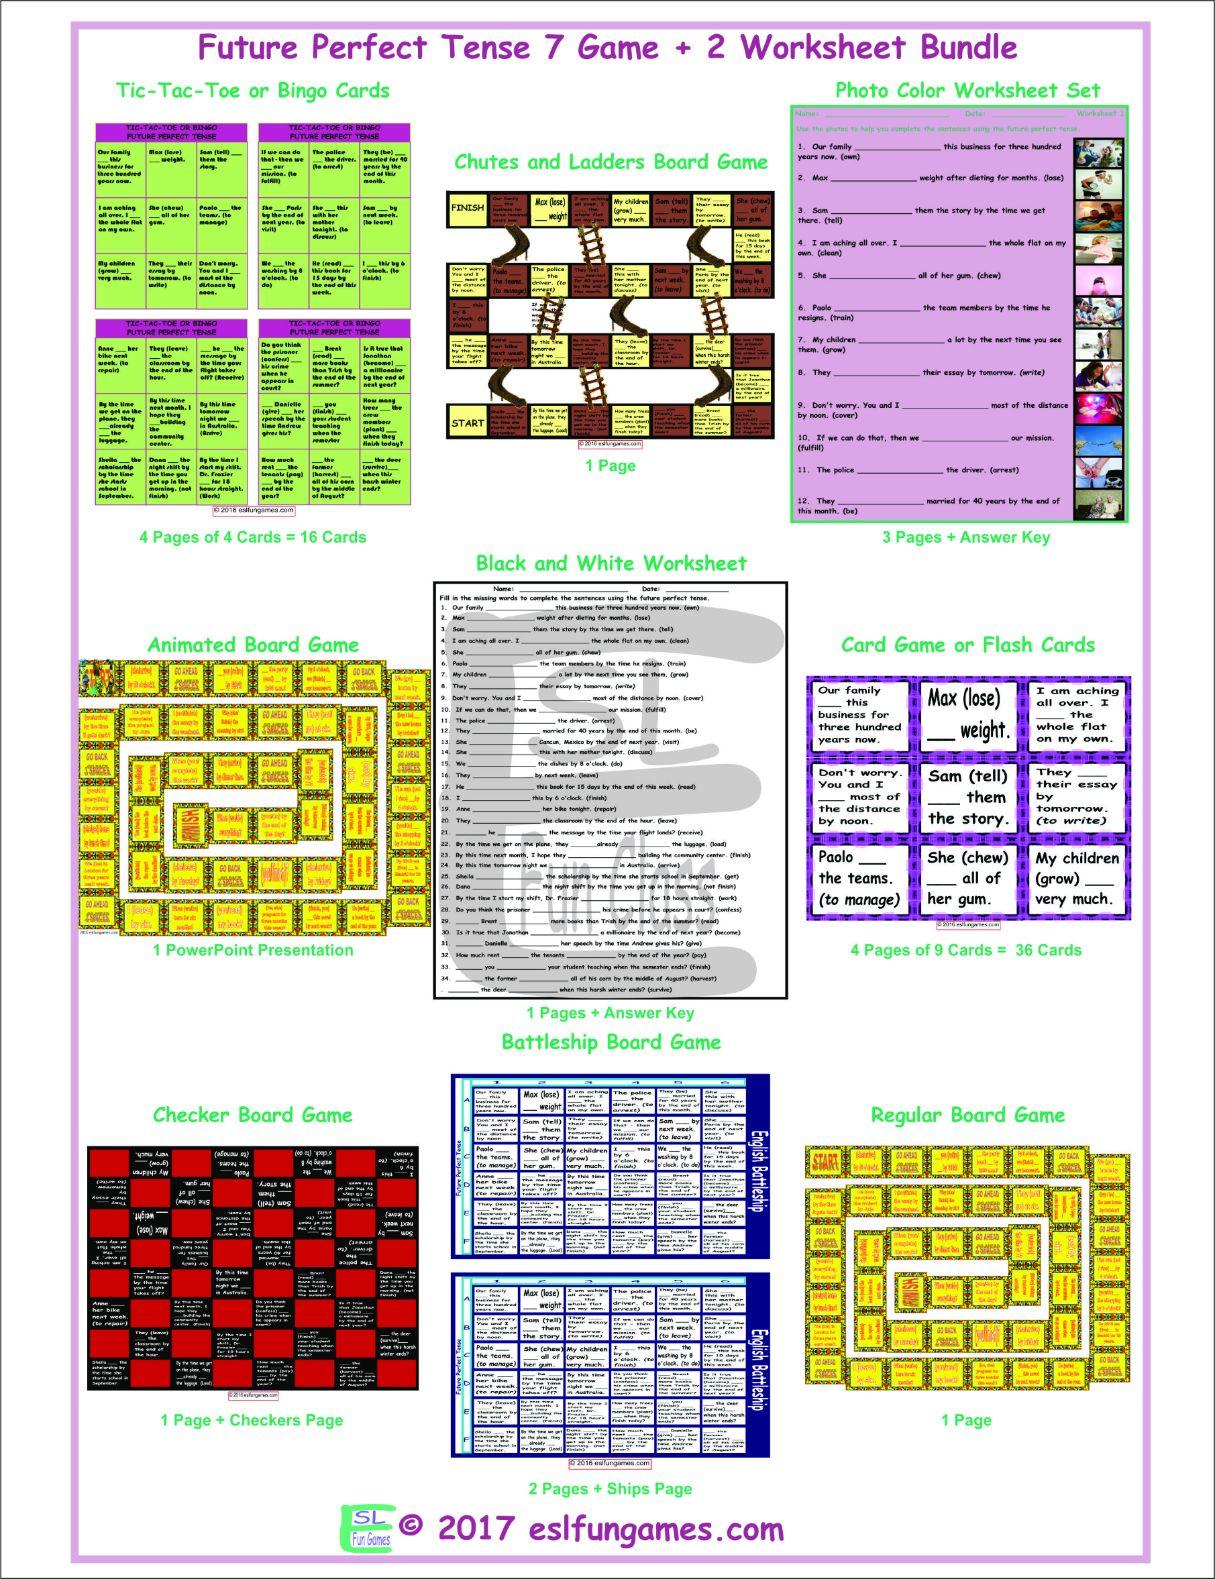 Future Perfect Tense 7 Game Plus 2 Worksheet Bundle